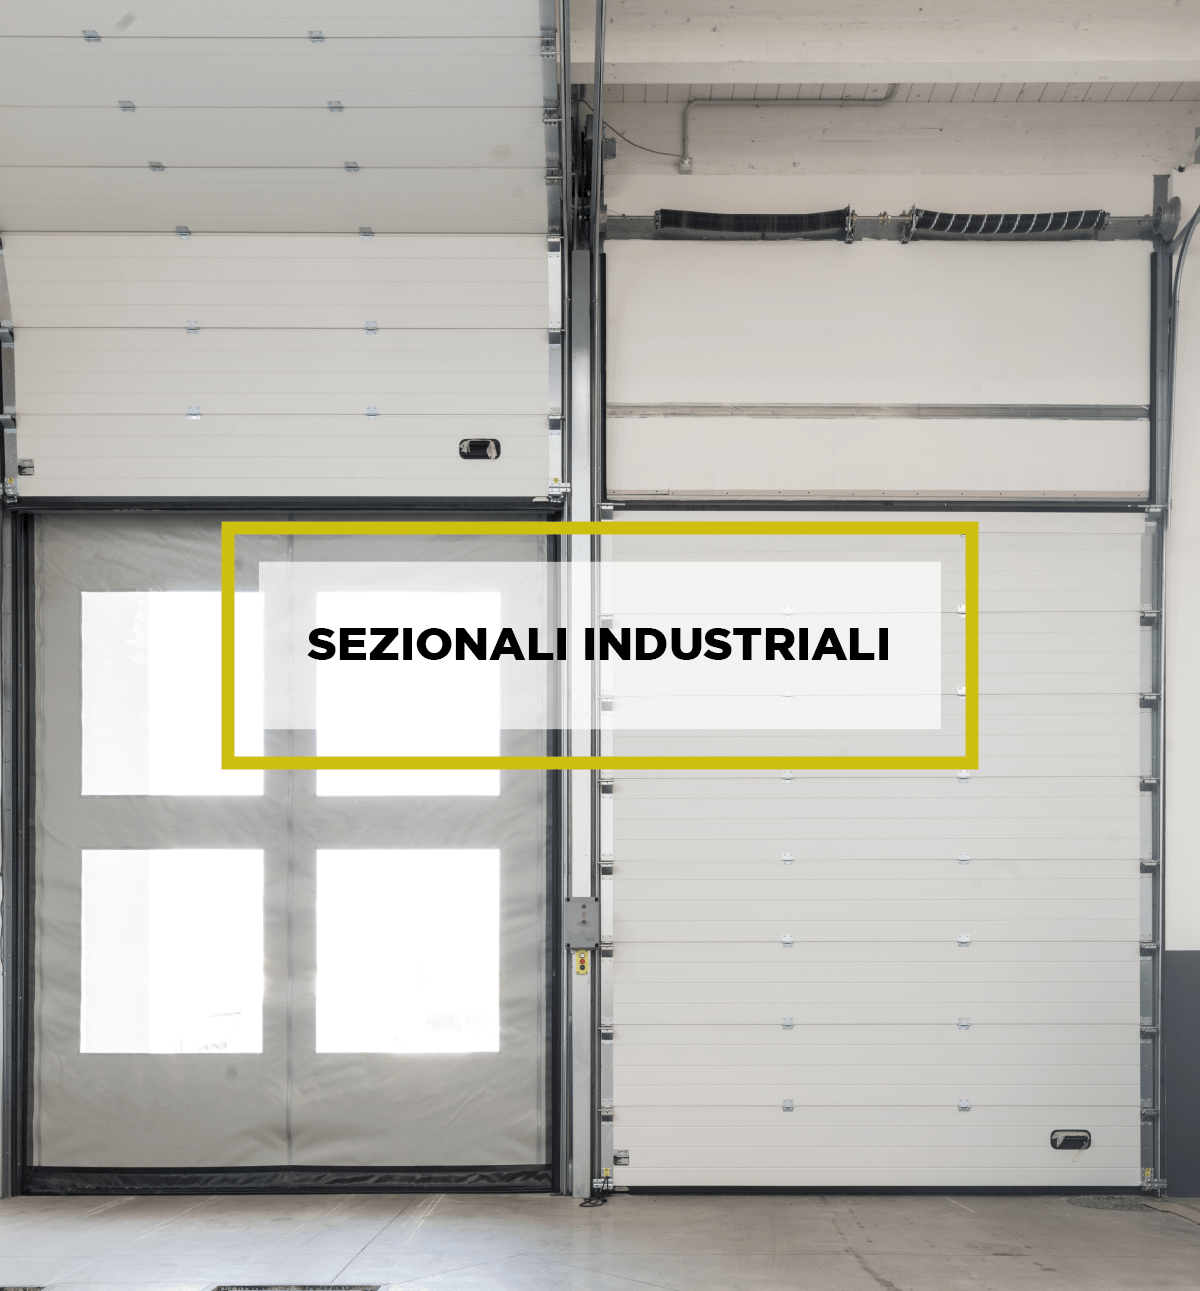 Portoni sezionali industriali per capannoni industriali